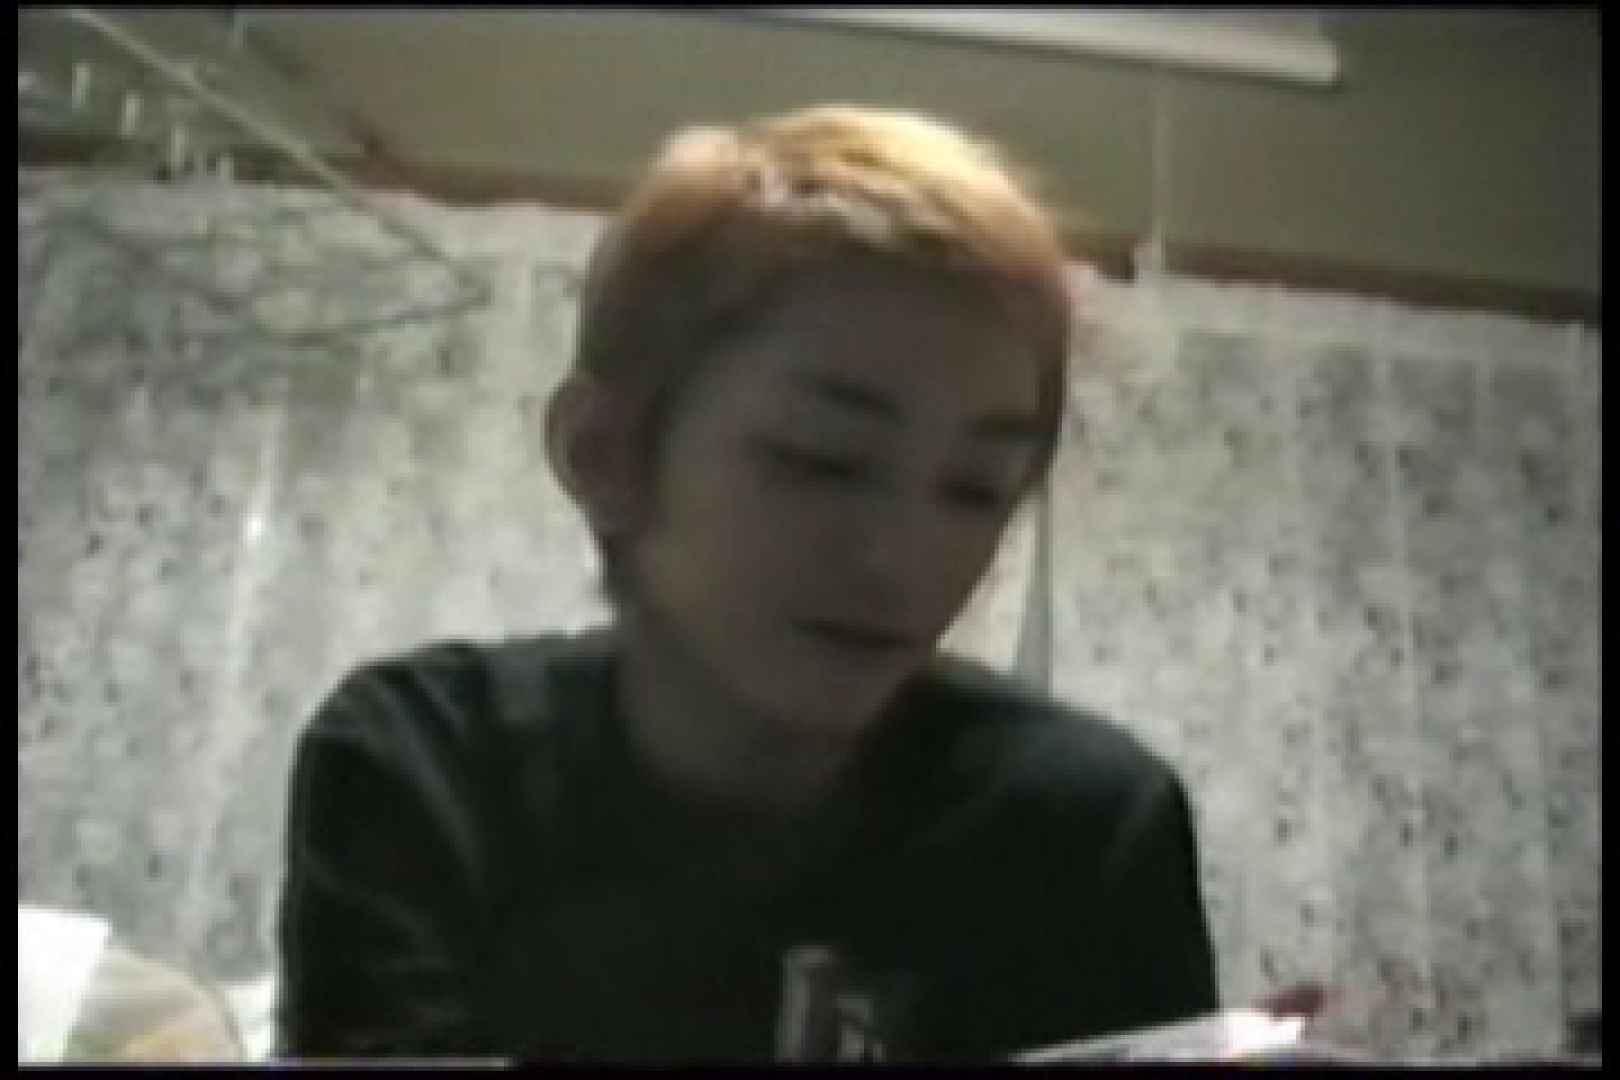 【流出】アイドルを目指したジャニ系イケメンの過去 流出物 ゲイフェラチオ画像 97pic